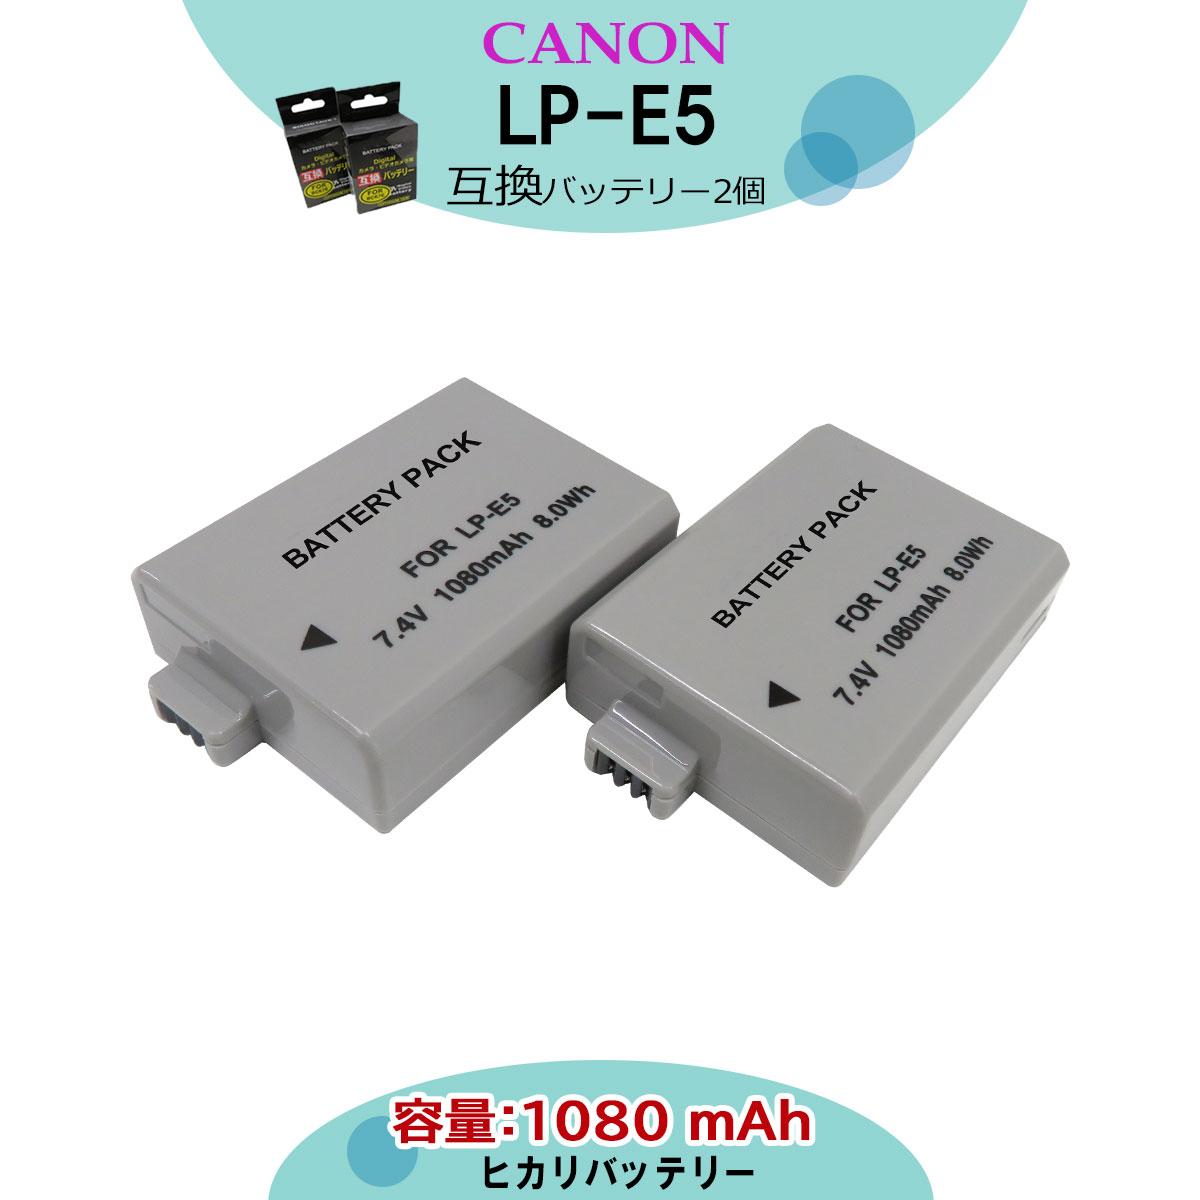 デジタルカメラ用アクセサリー, バッテリーパック LP-E5 2 EOS 450D EOS 1000D EOS Kiss F EOS Kiss X2 EOS Kiss X3 EOS Rebel XS EOS Rebel Xsi LC-E5